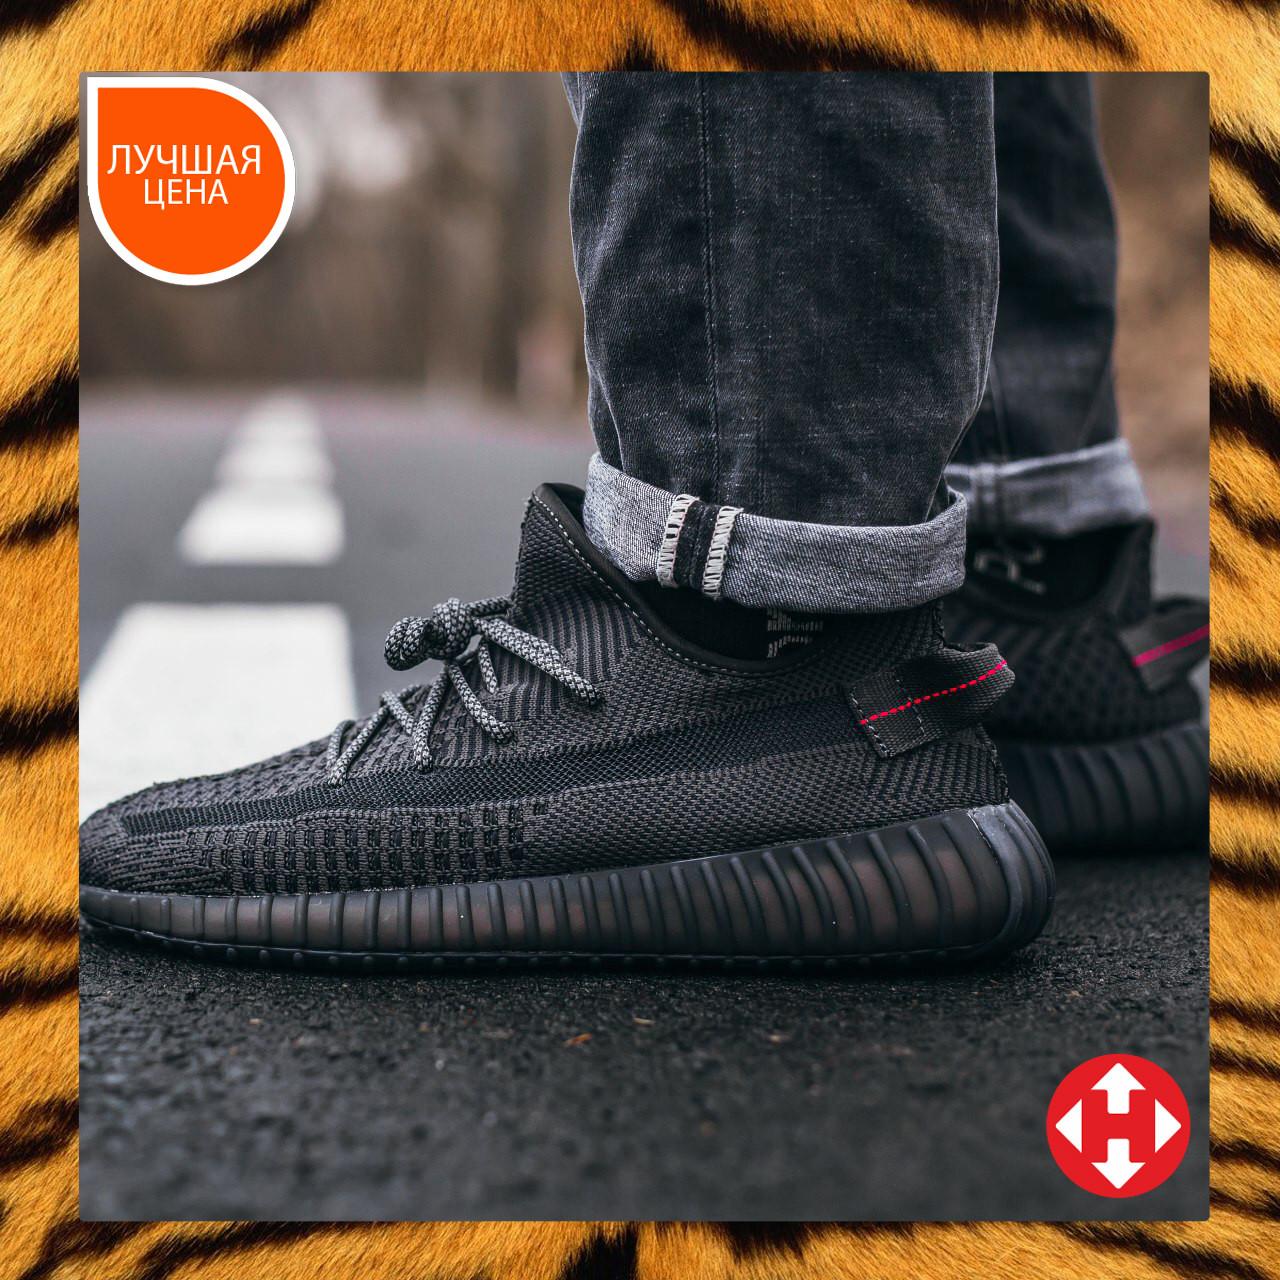 🔥 Кроссовки мужские Adidas Yeezy Boost 350 адидас изи буст черные повседневные спортивные рефлективные